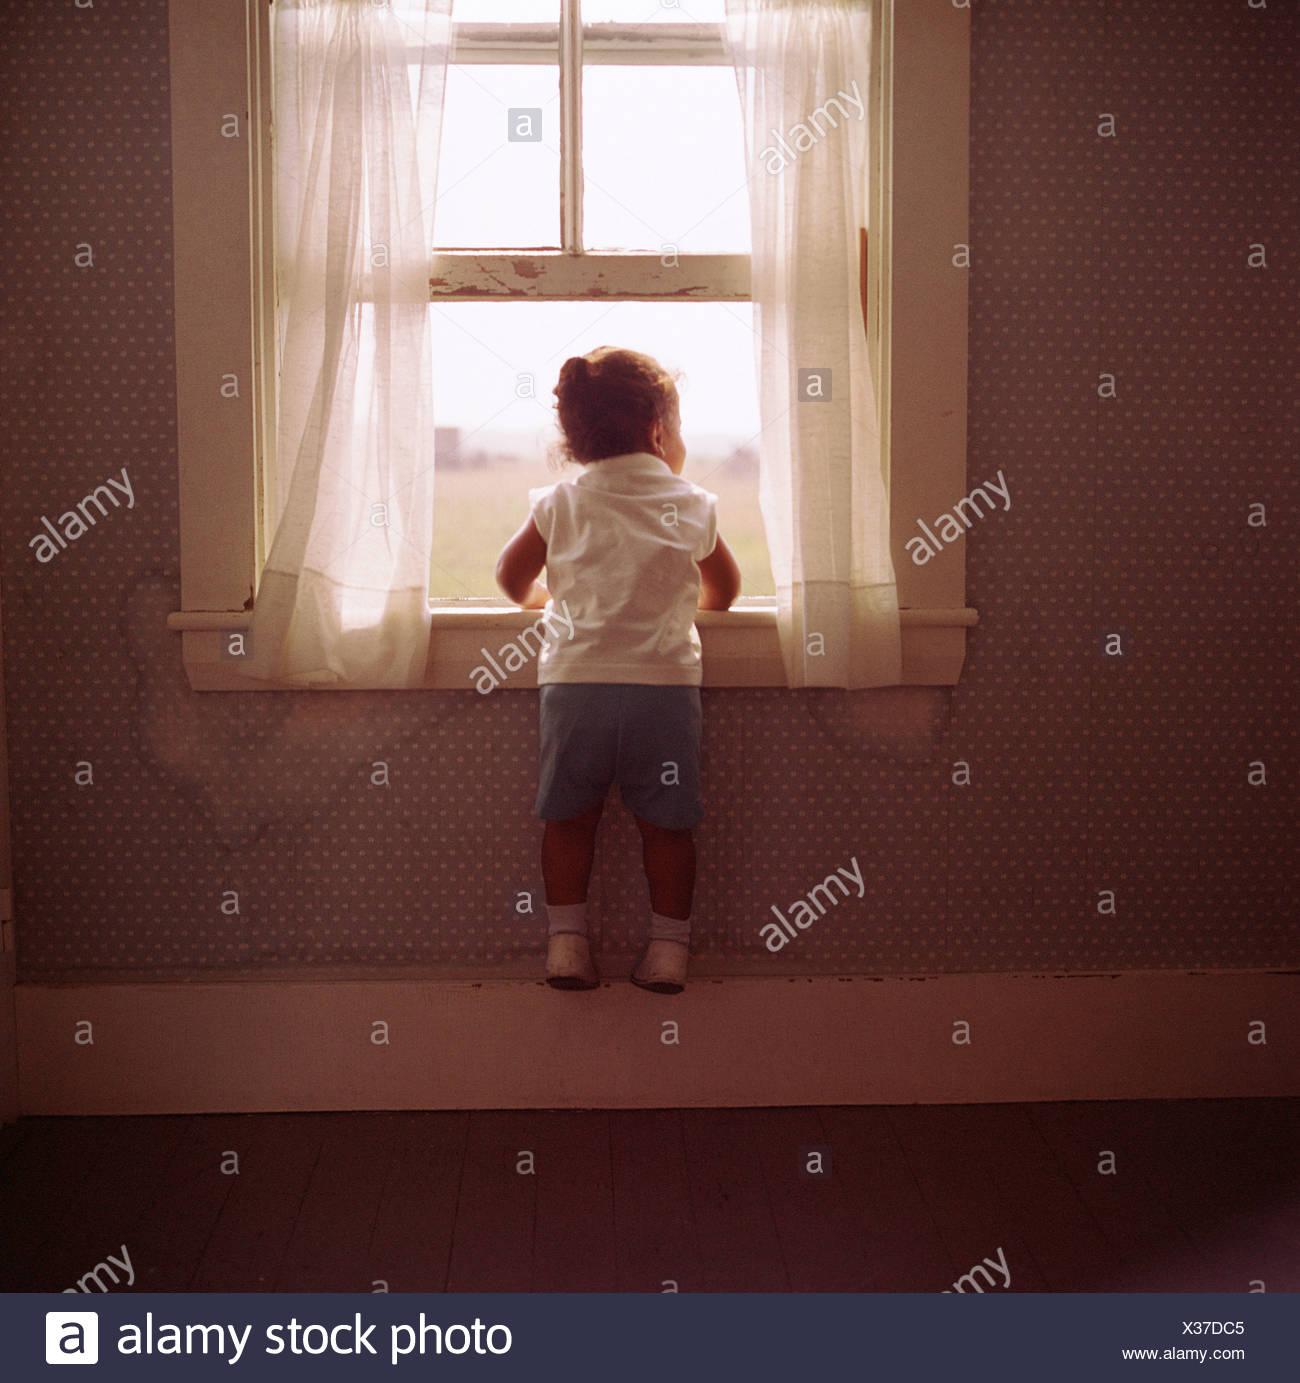 Davanzale Interno Della Finestra bambina guardando fuori dalla finestra appeso al davanzale